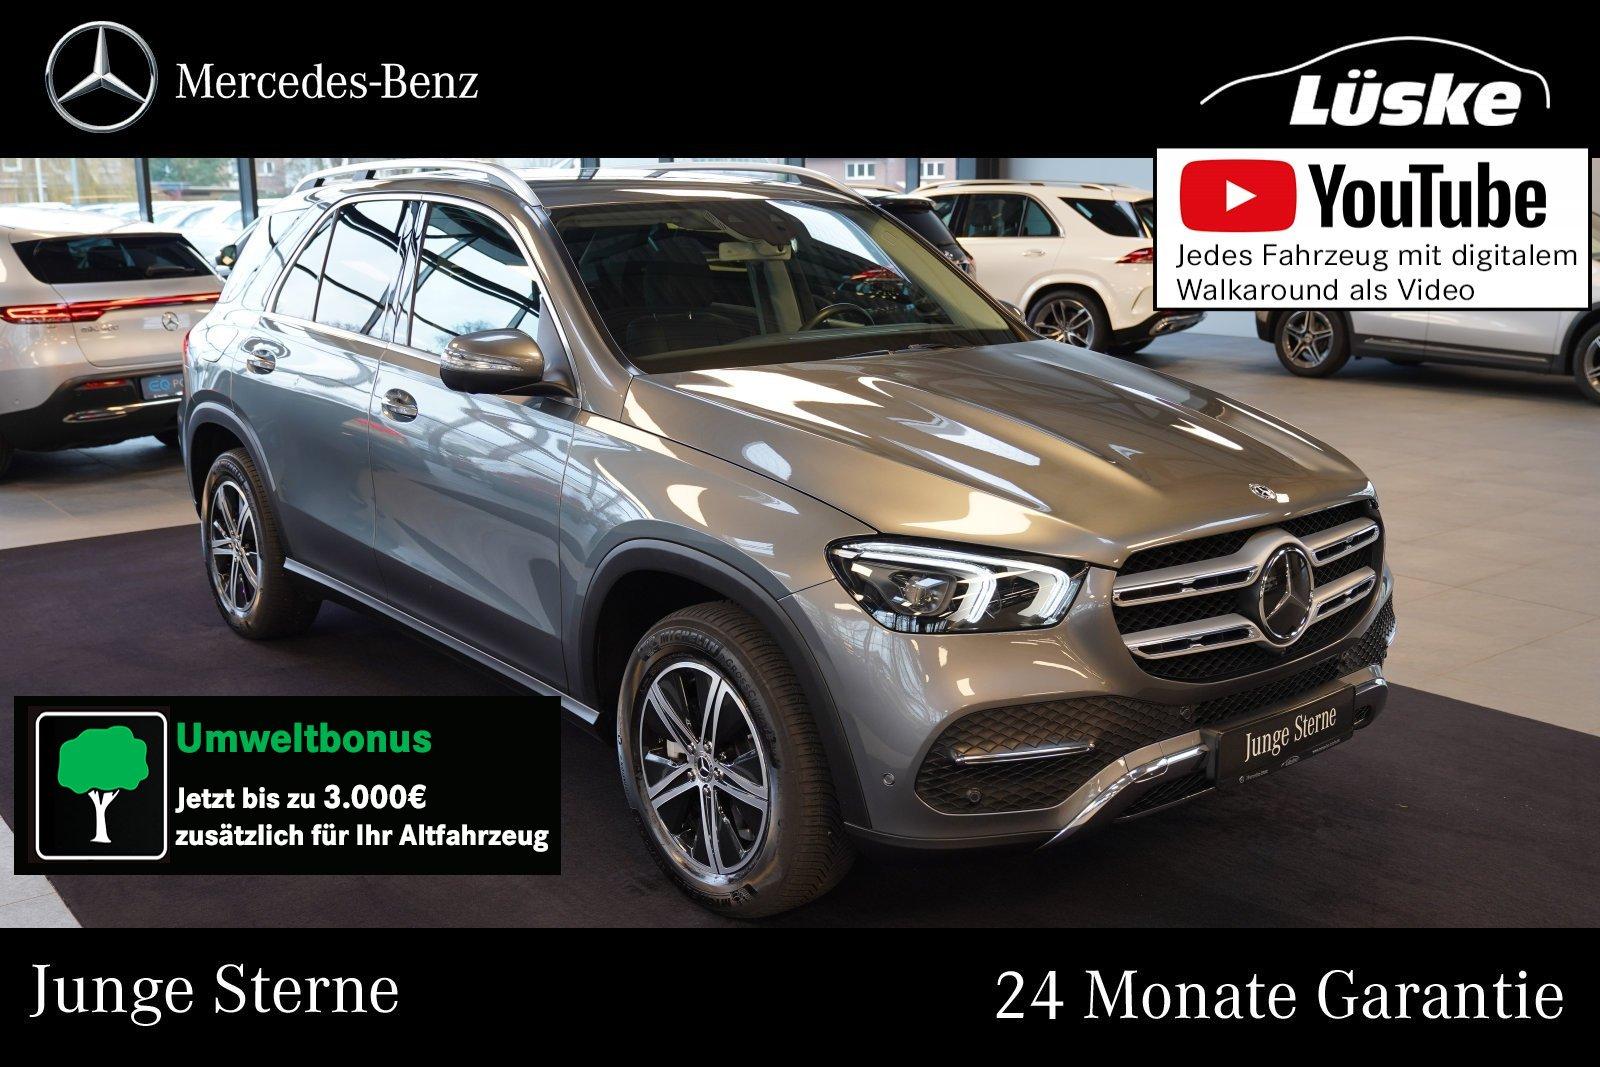 Mercedes-Benz GLE 300 d 4M Standheizung AHK Assistenz Distroni, Jahr 2019, Diesel